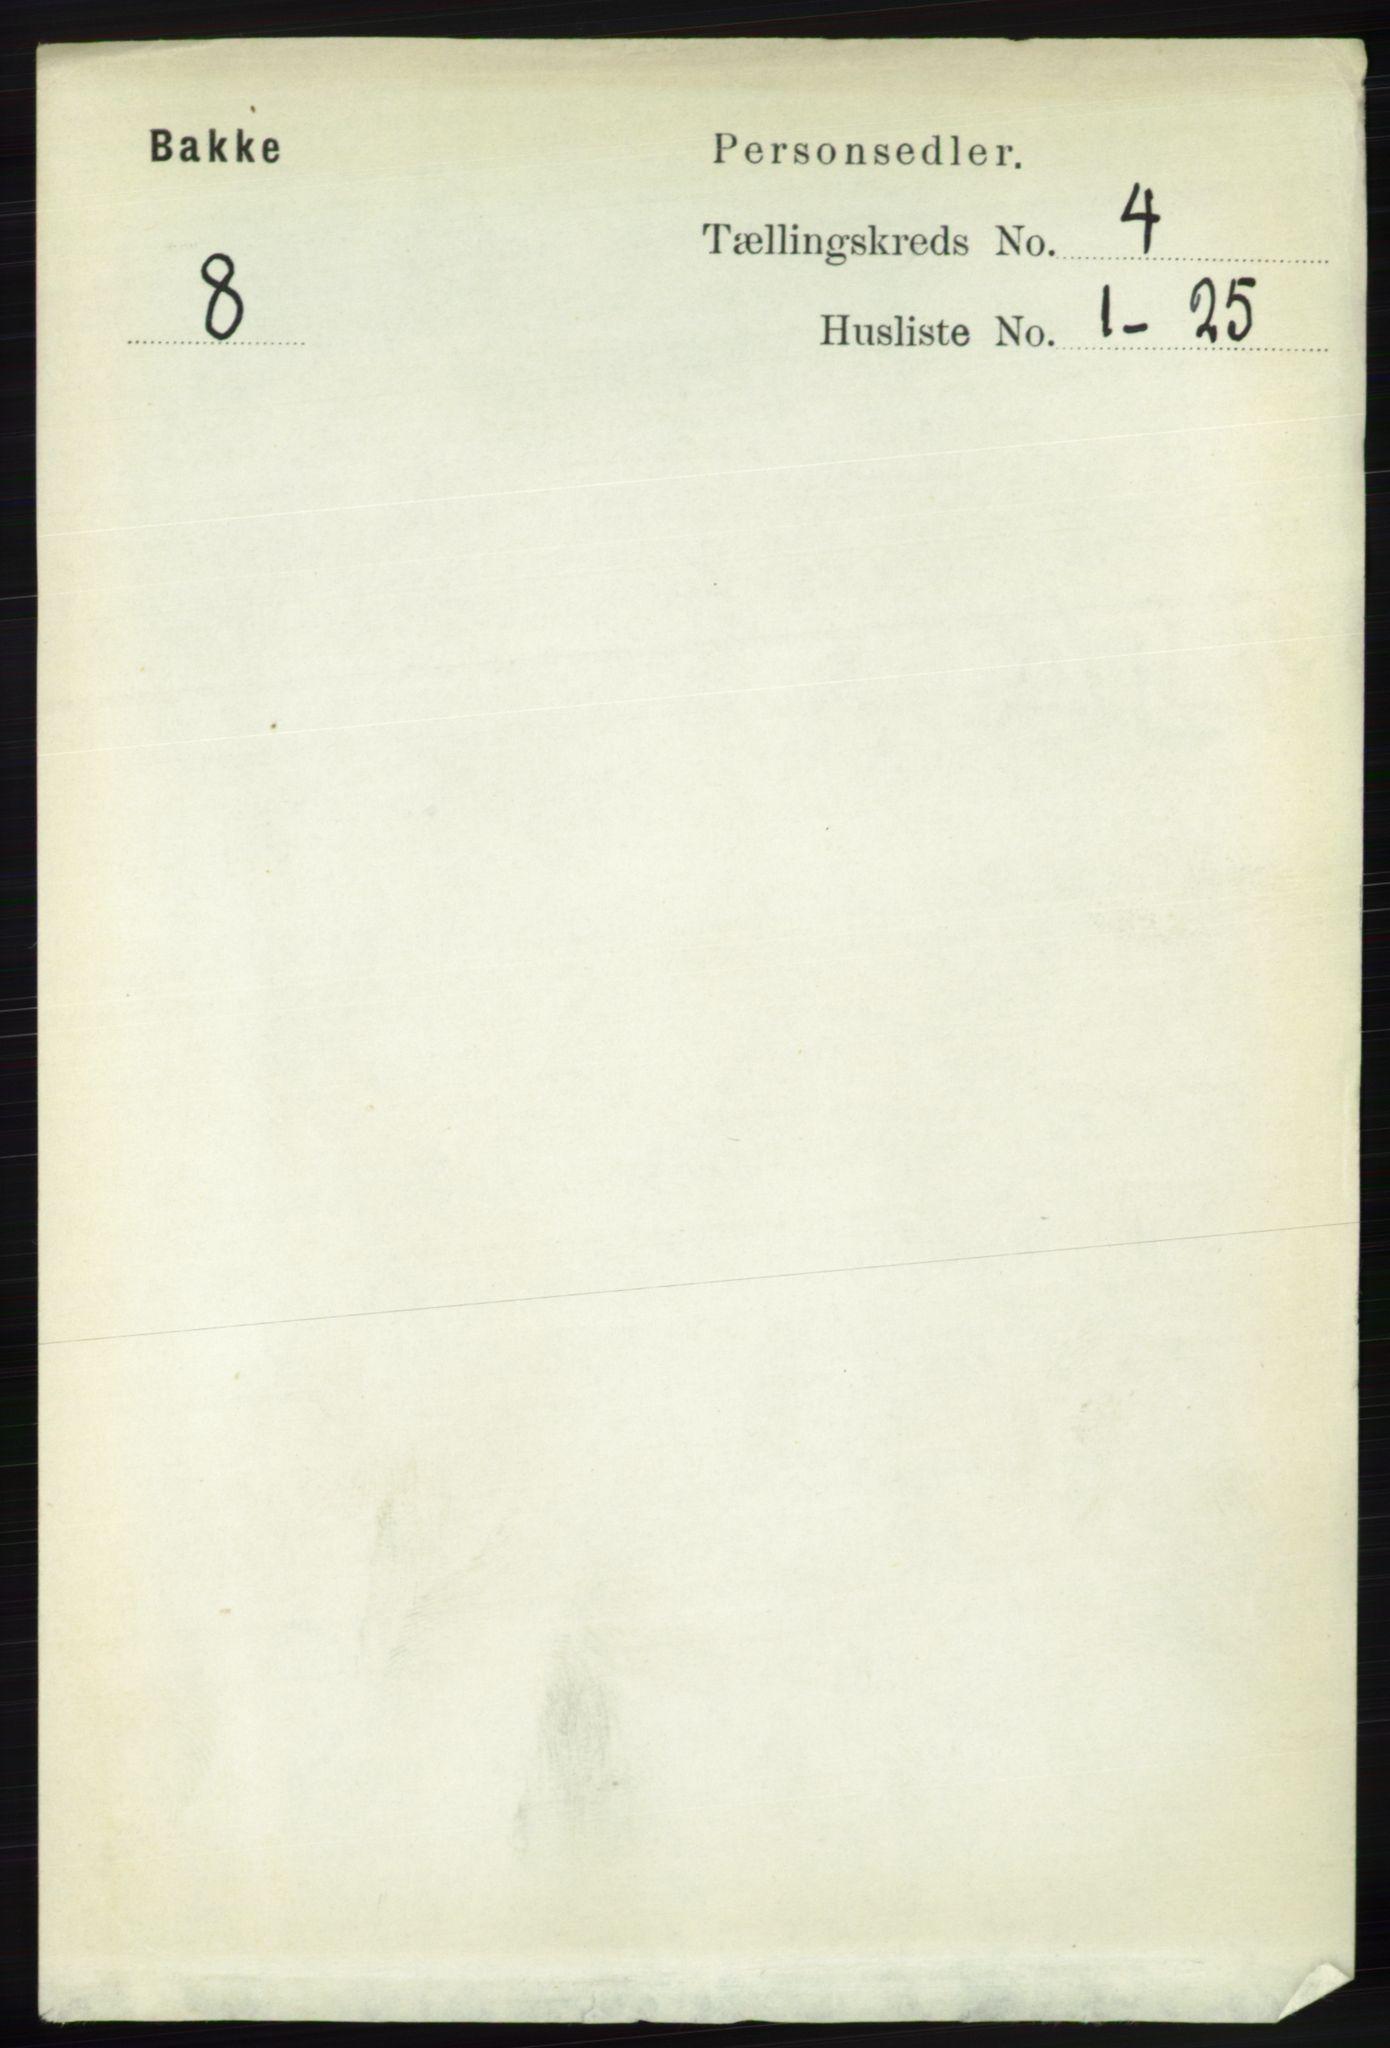 RA, Folketelling 1891 for 1045 Bakke herred, 1891, s. 623